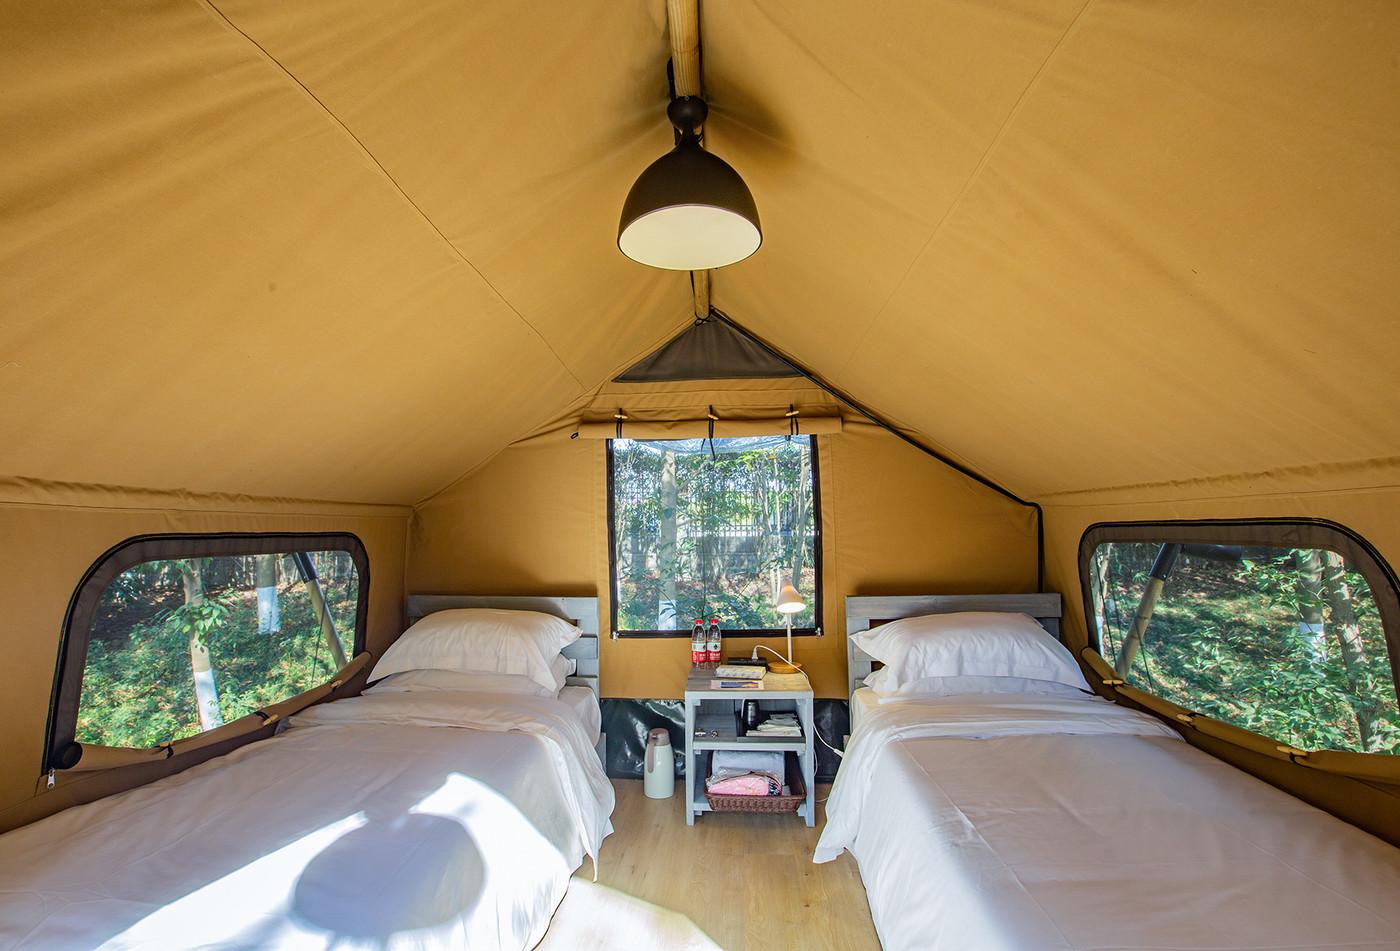 喜马拉雅野奢帐篷酒店—江苏常州天目湖树屋16